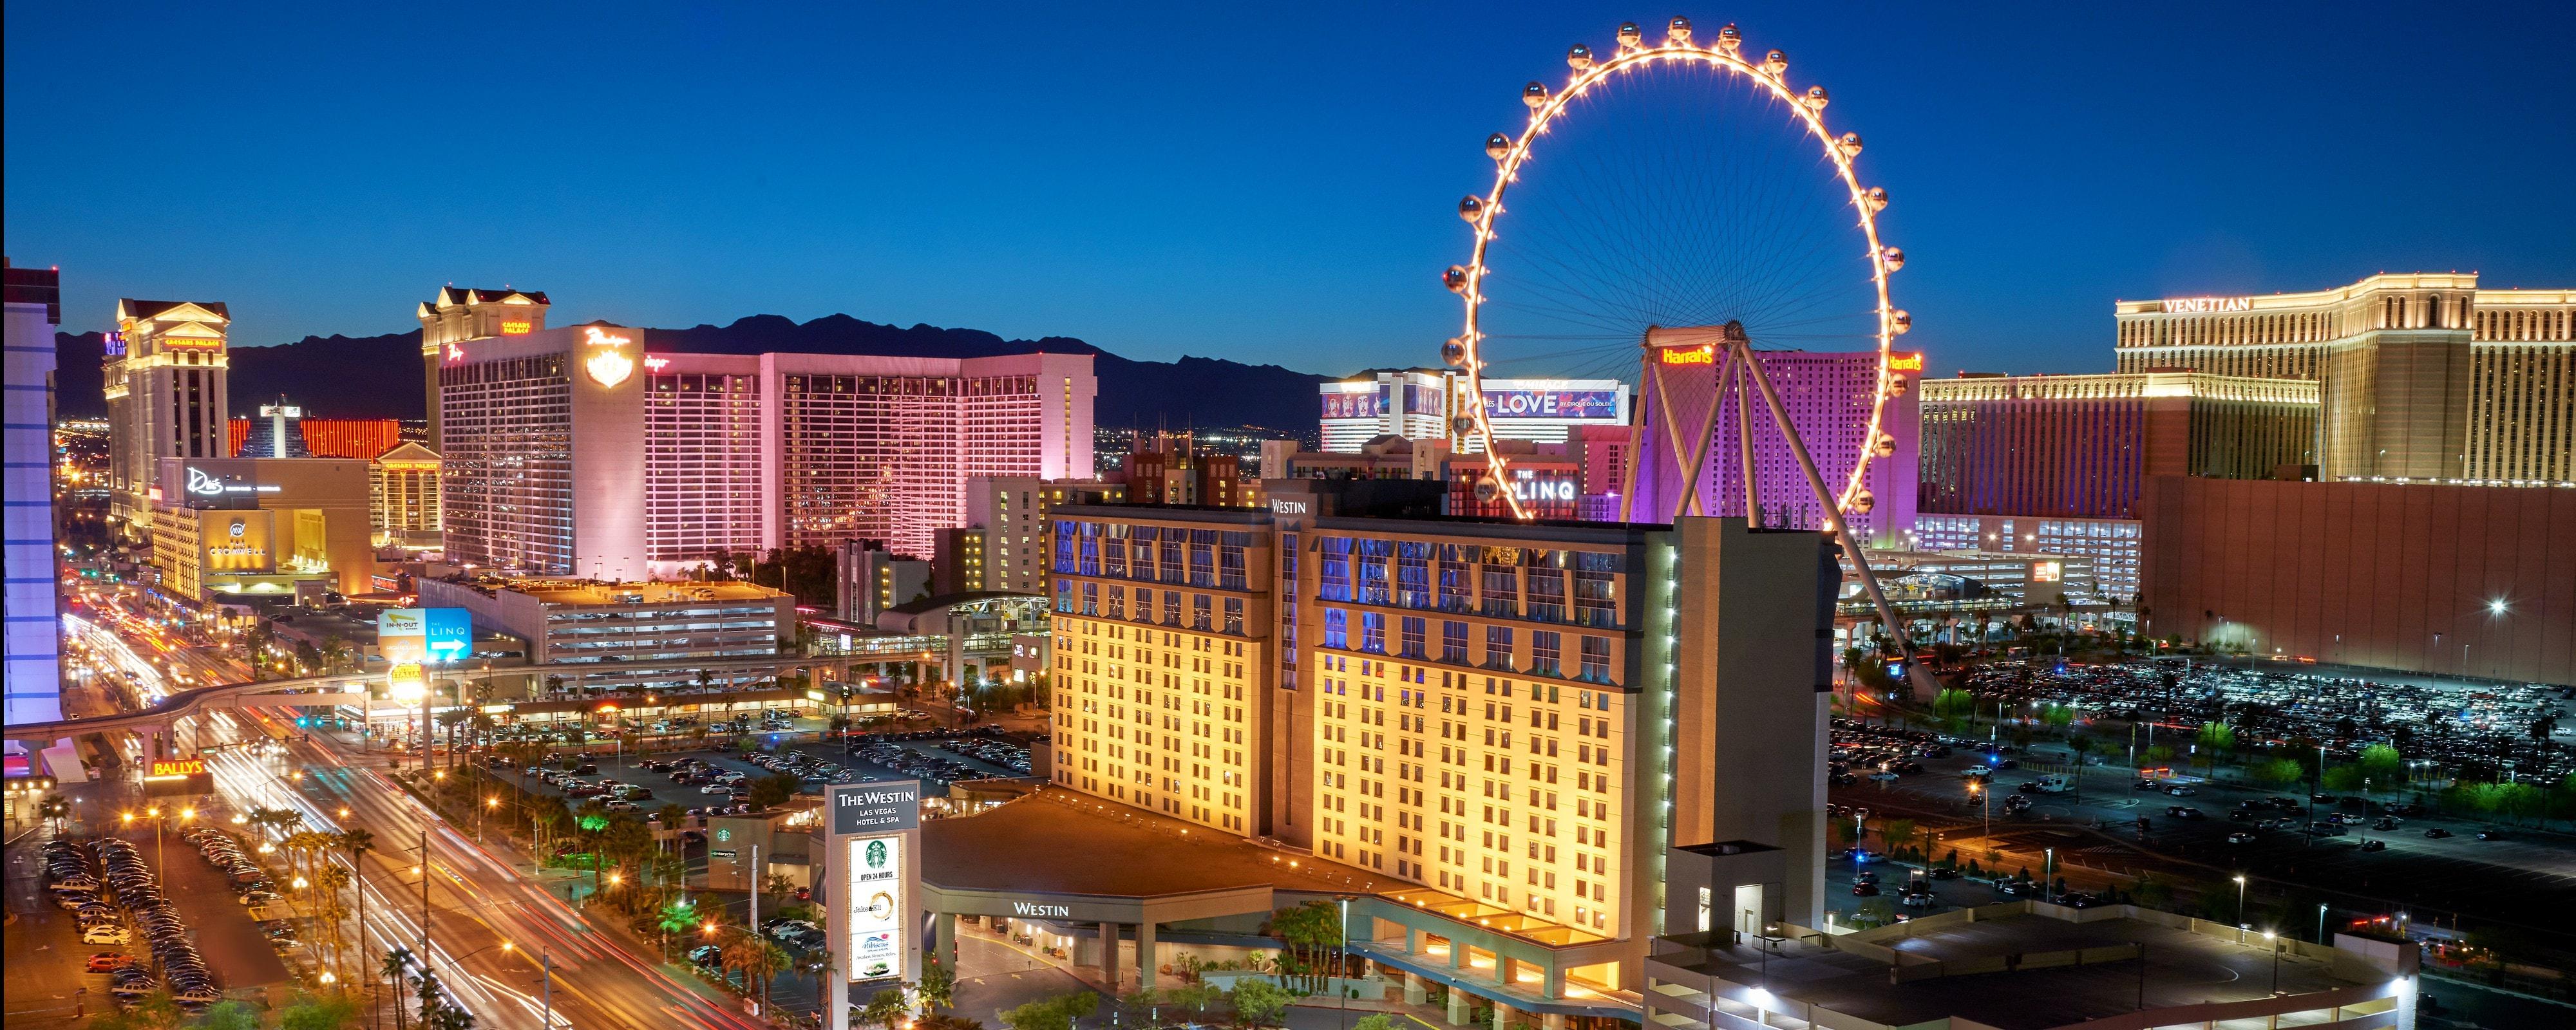 Las Vegas - 33141